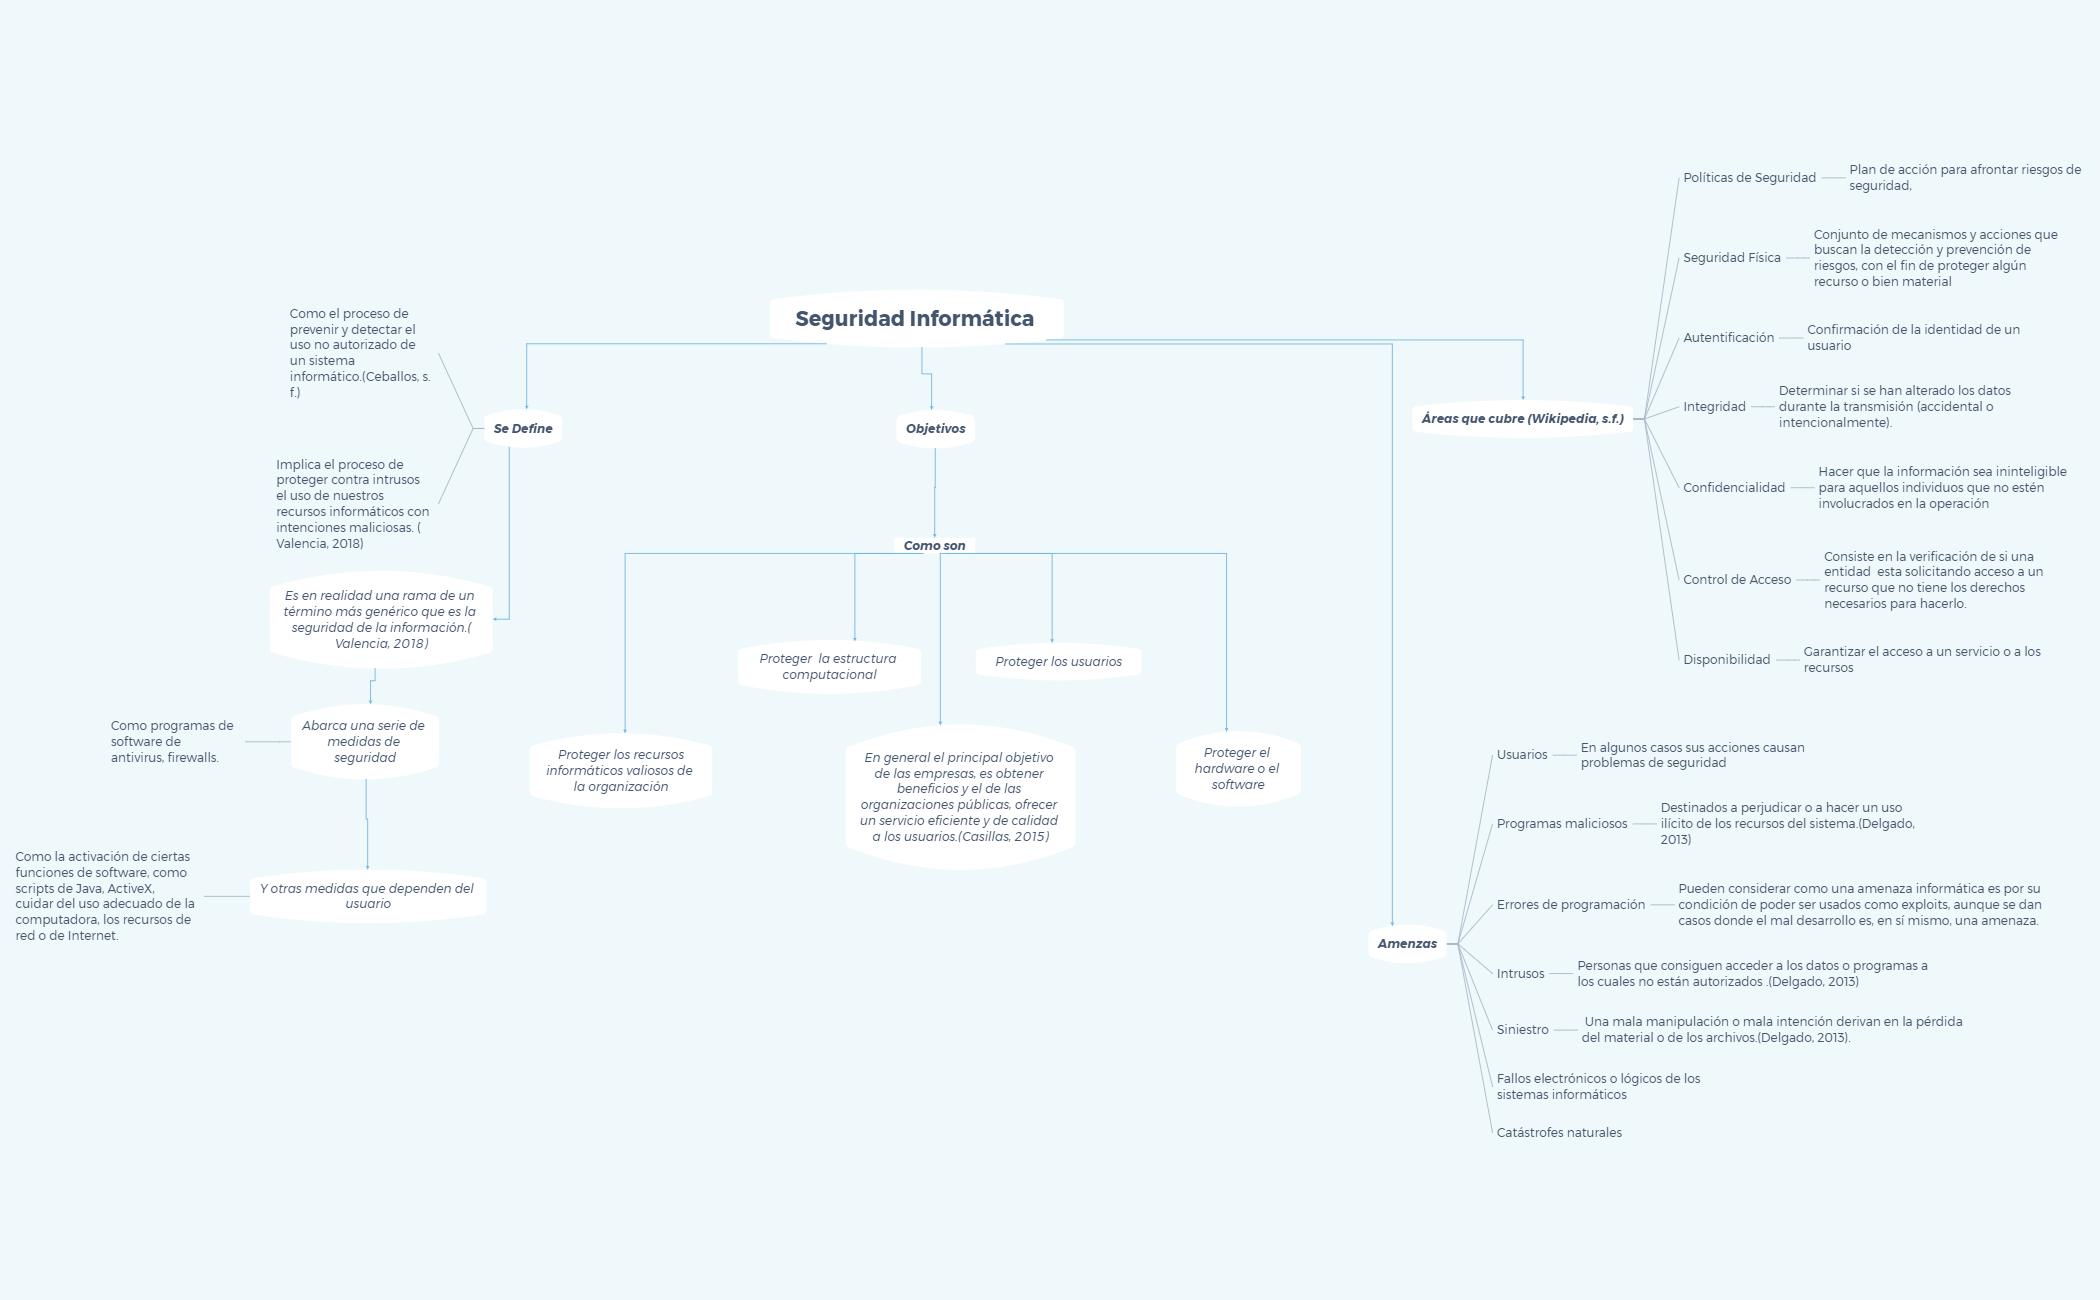 Seguridad Informática Mapa Conceptual